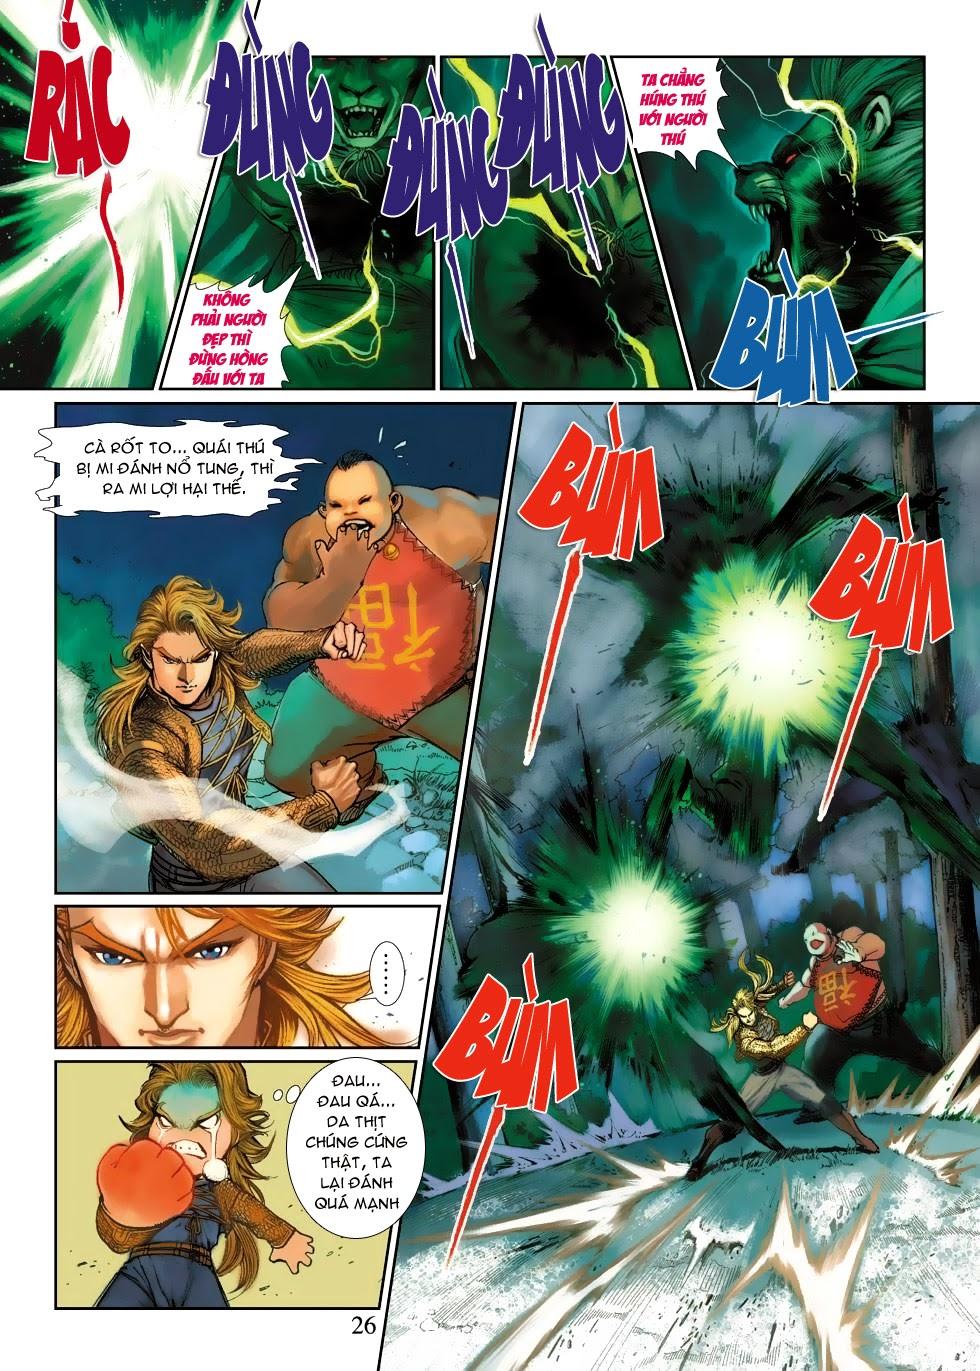 Thần Binh Tiền Truyện 4 - Huyền Thiên Tà Đế chap 3 - Trang 26